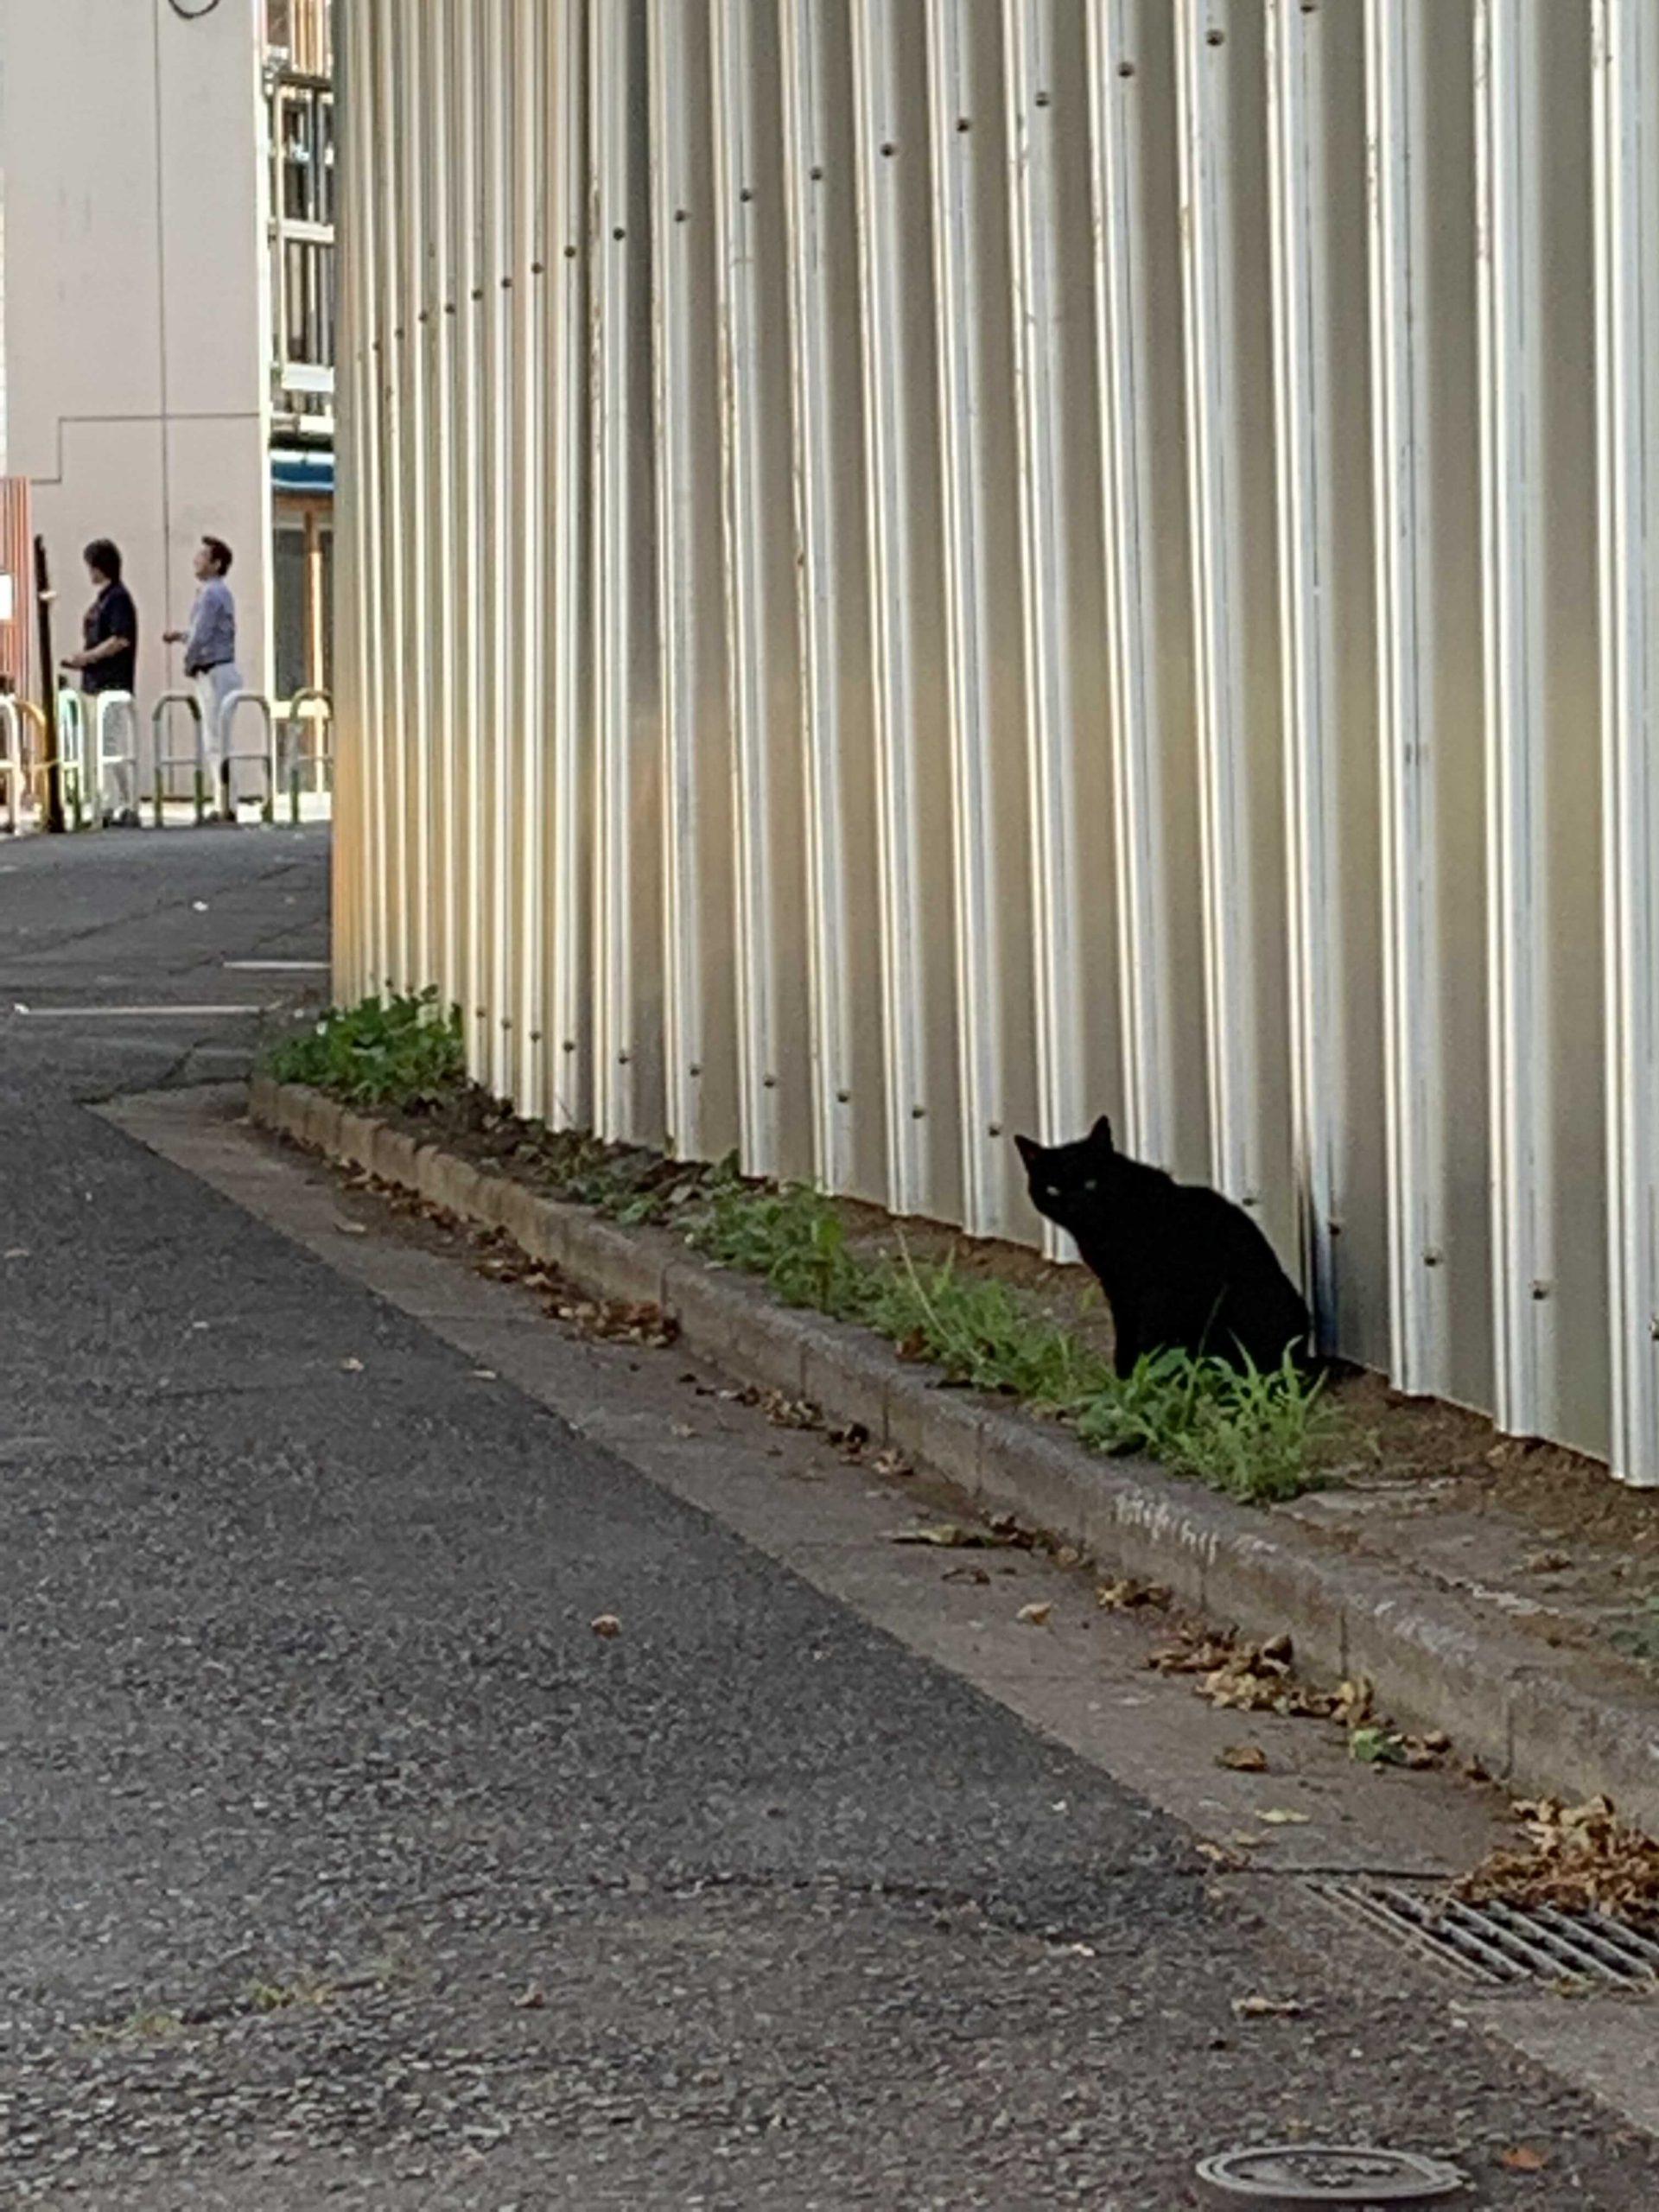 バリケード塀に戸惑う地域猫たち 閉じ込められる猫も・・